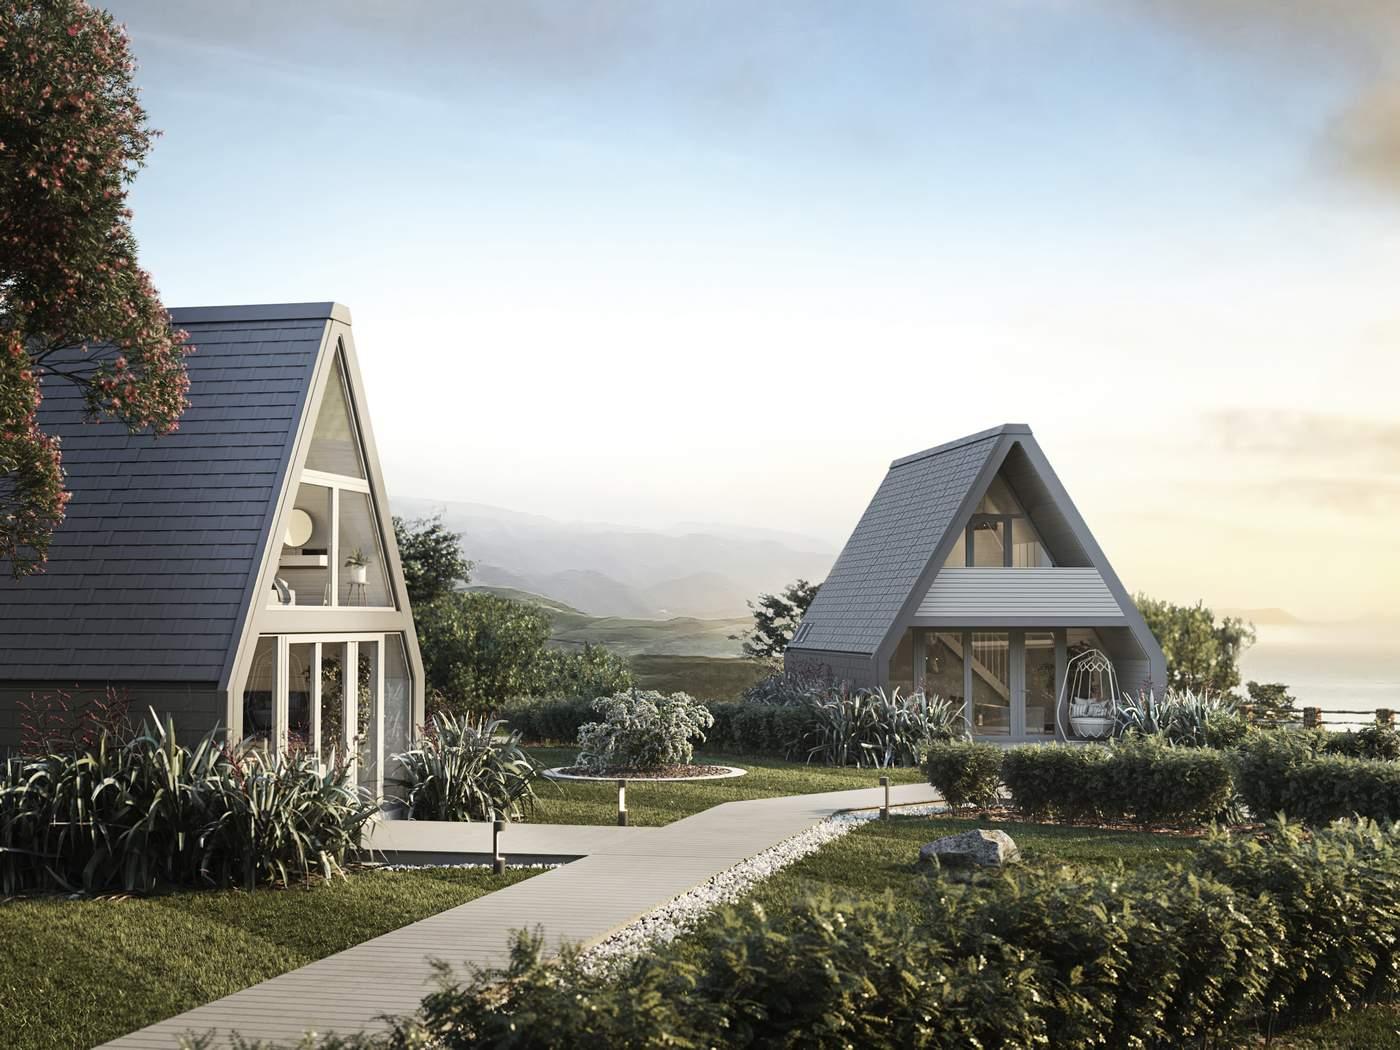 A-FOLD_HOUSES-model-A-final_exterior_cam02_2